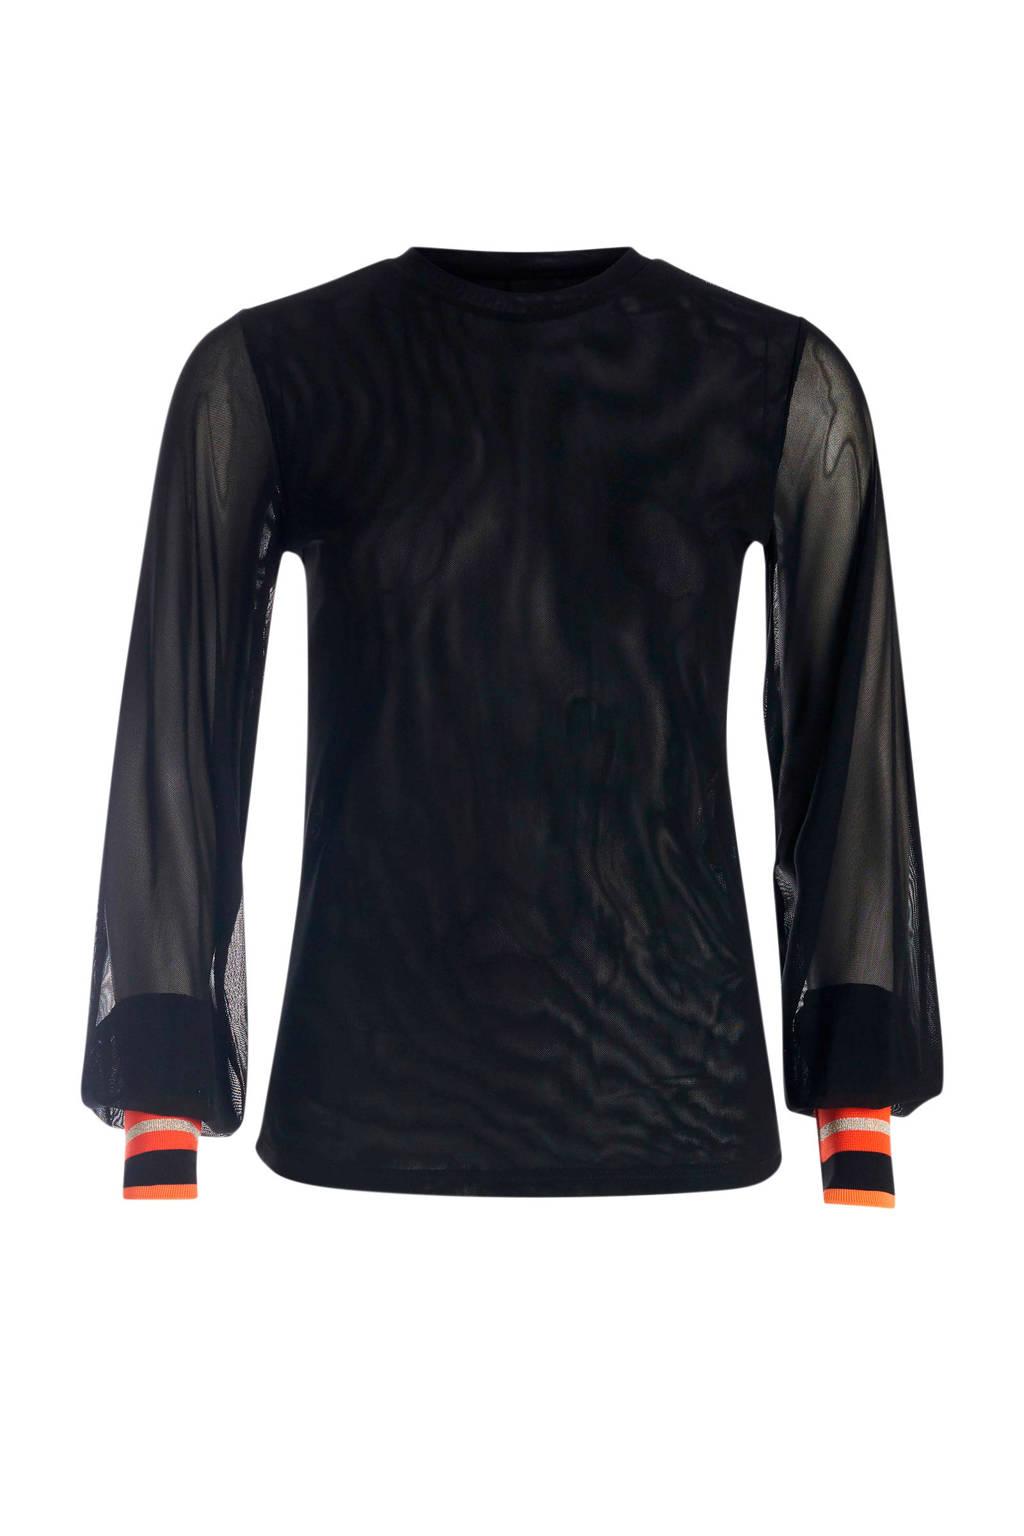 Eksept semi-transparante top met mesh zwart, Zwart